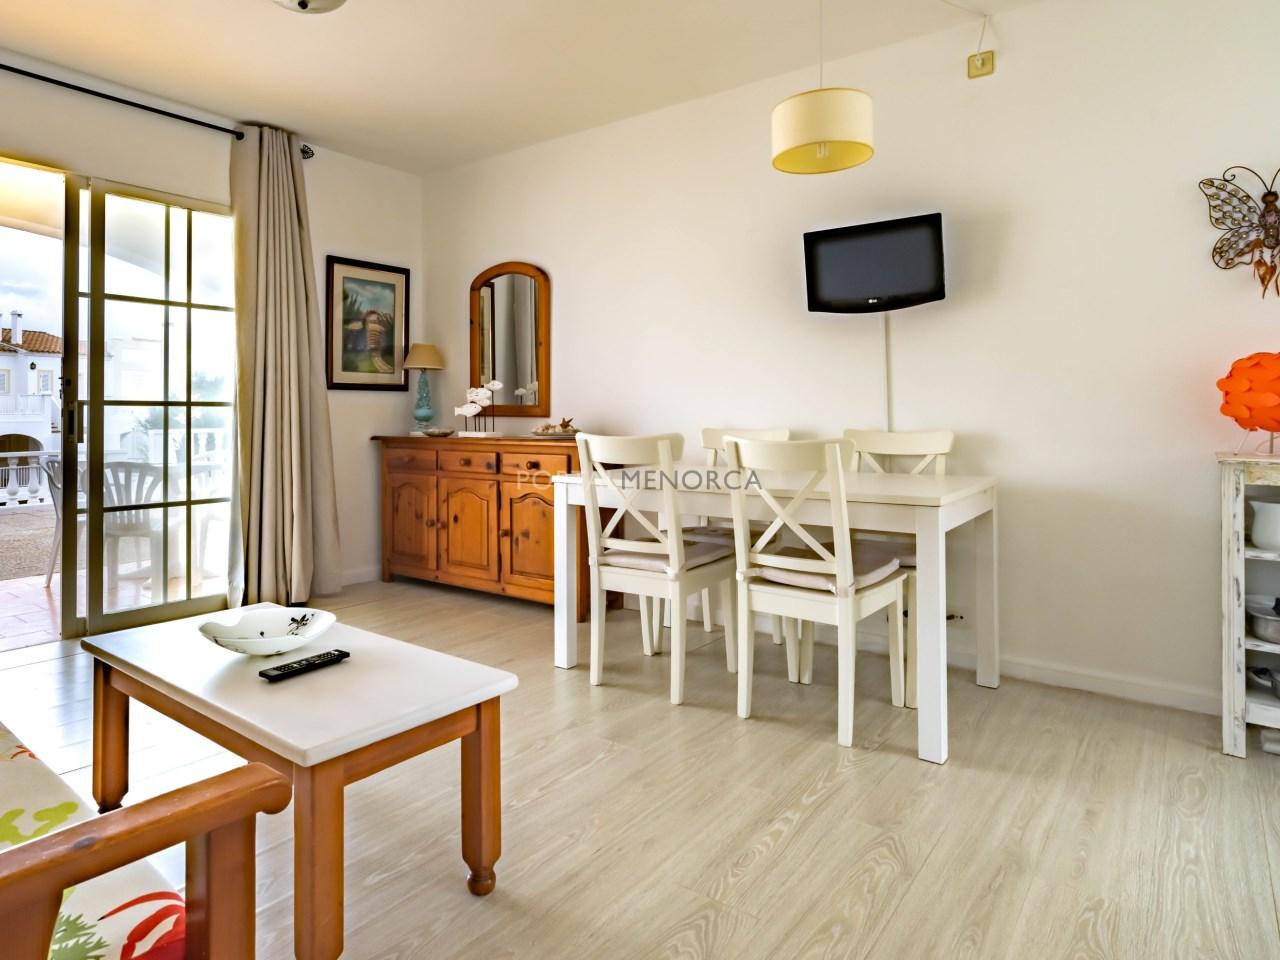 apartment menorca sale (4)